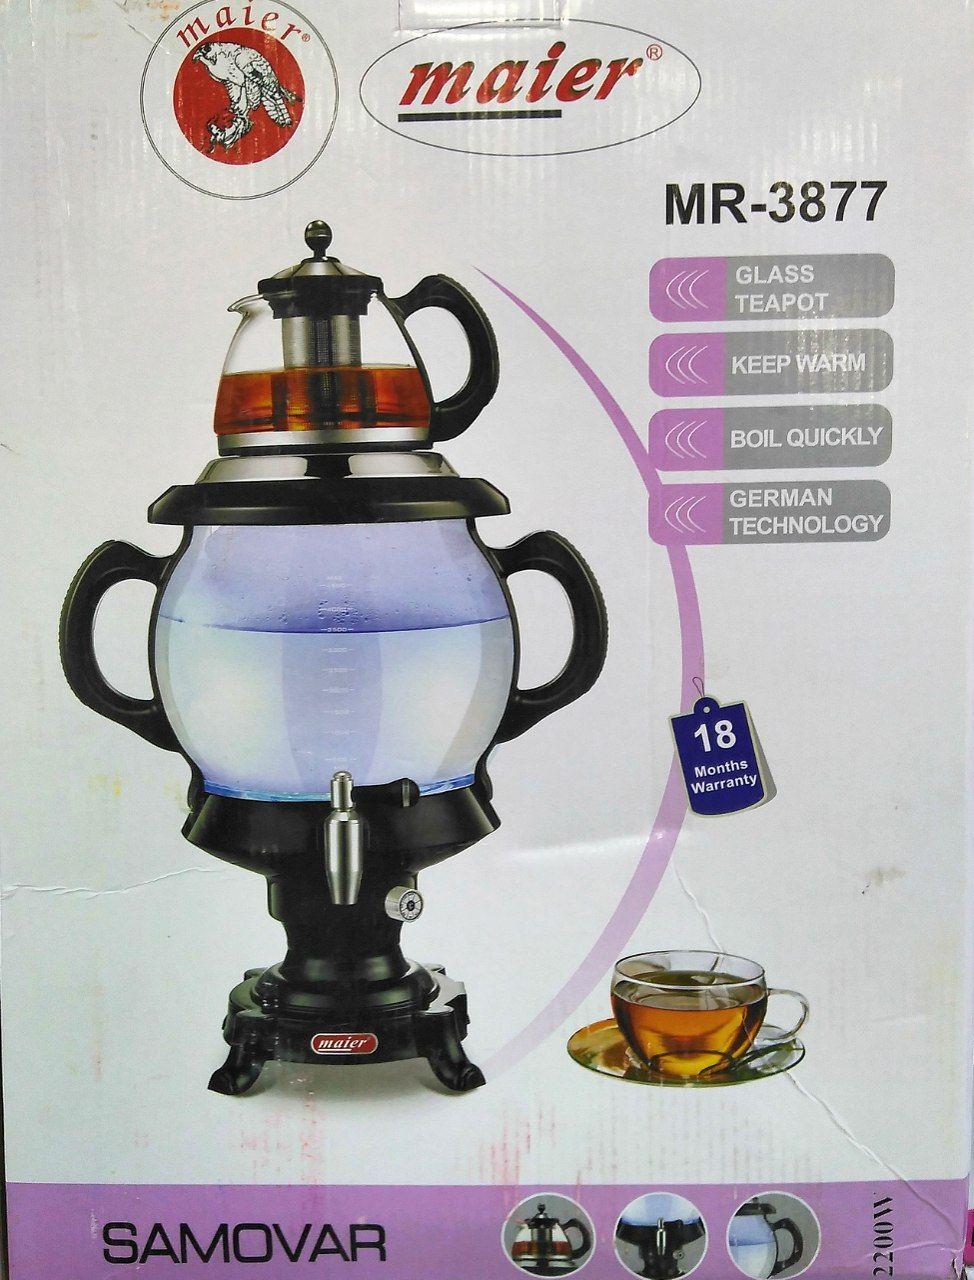 مشخصات سماور برقی مایر مدل MR-3877